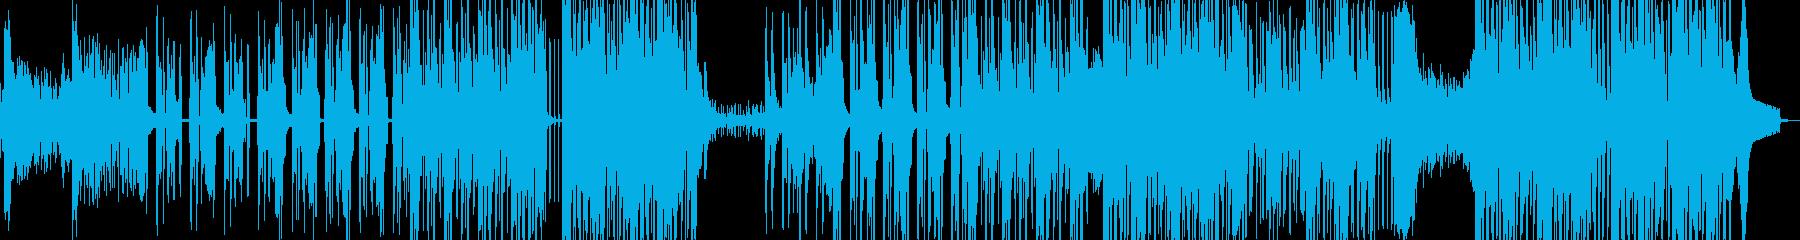 スリラー・民族ダークヒップホップ 長尺★の再生済みの波形